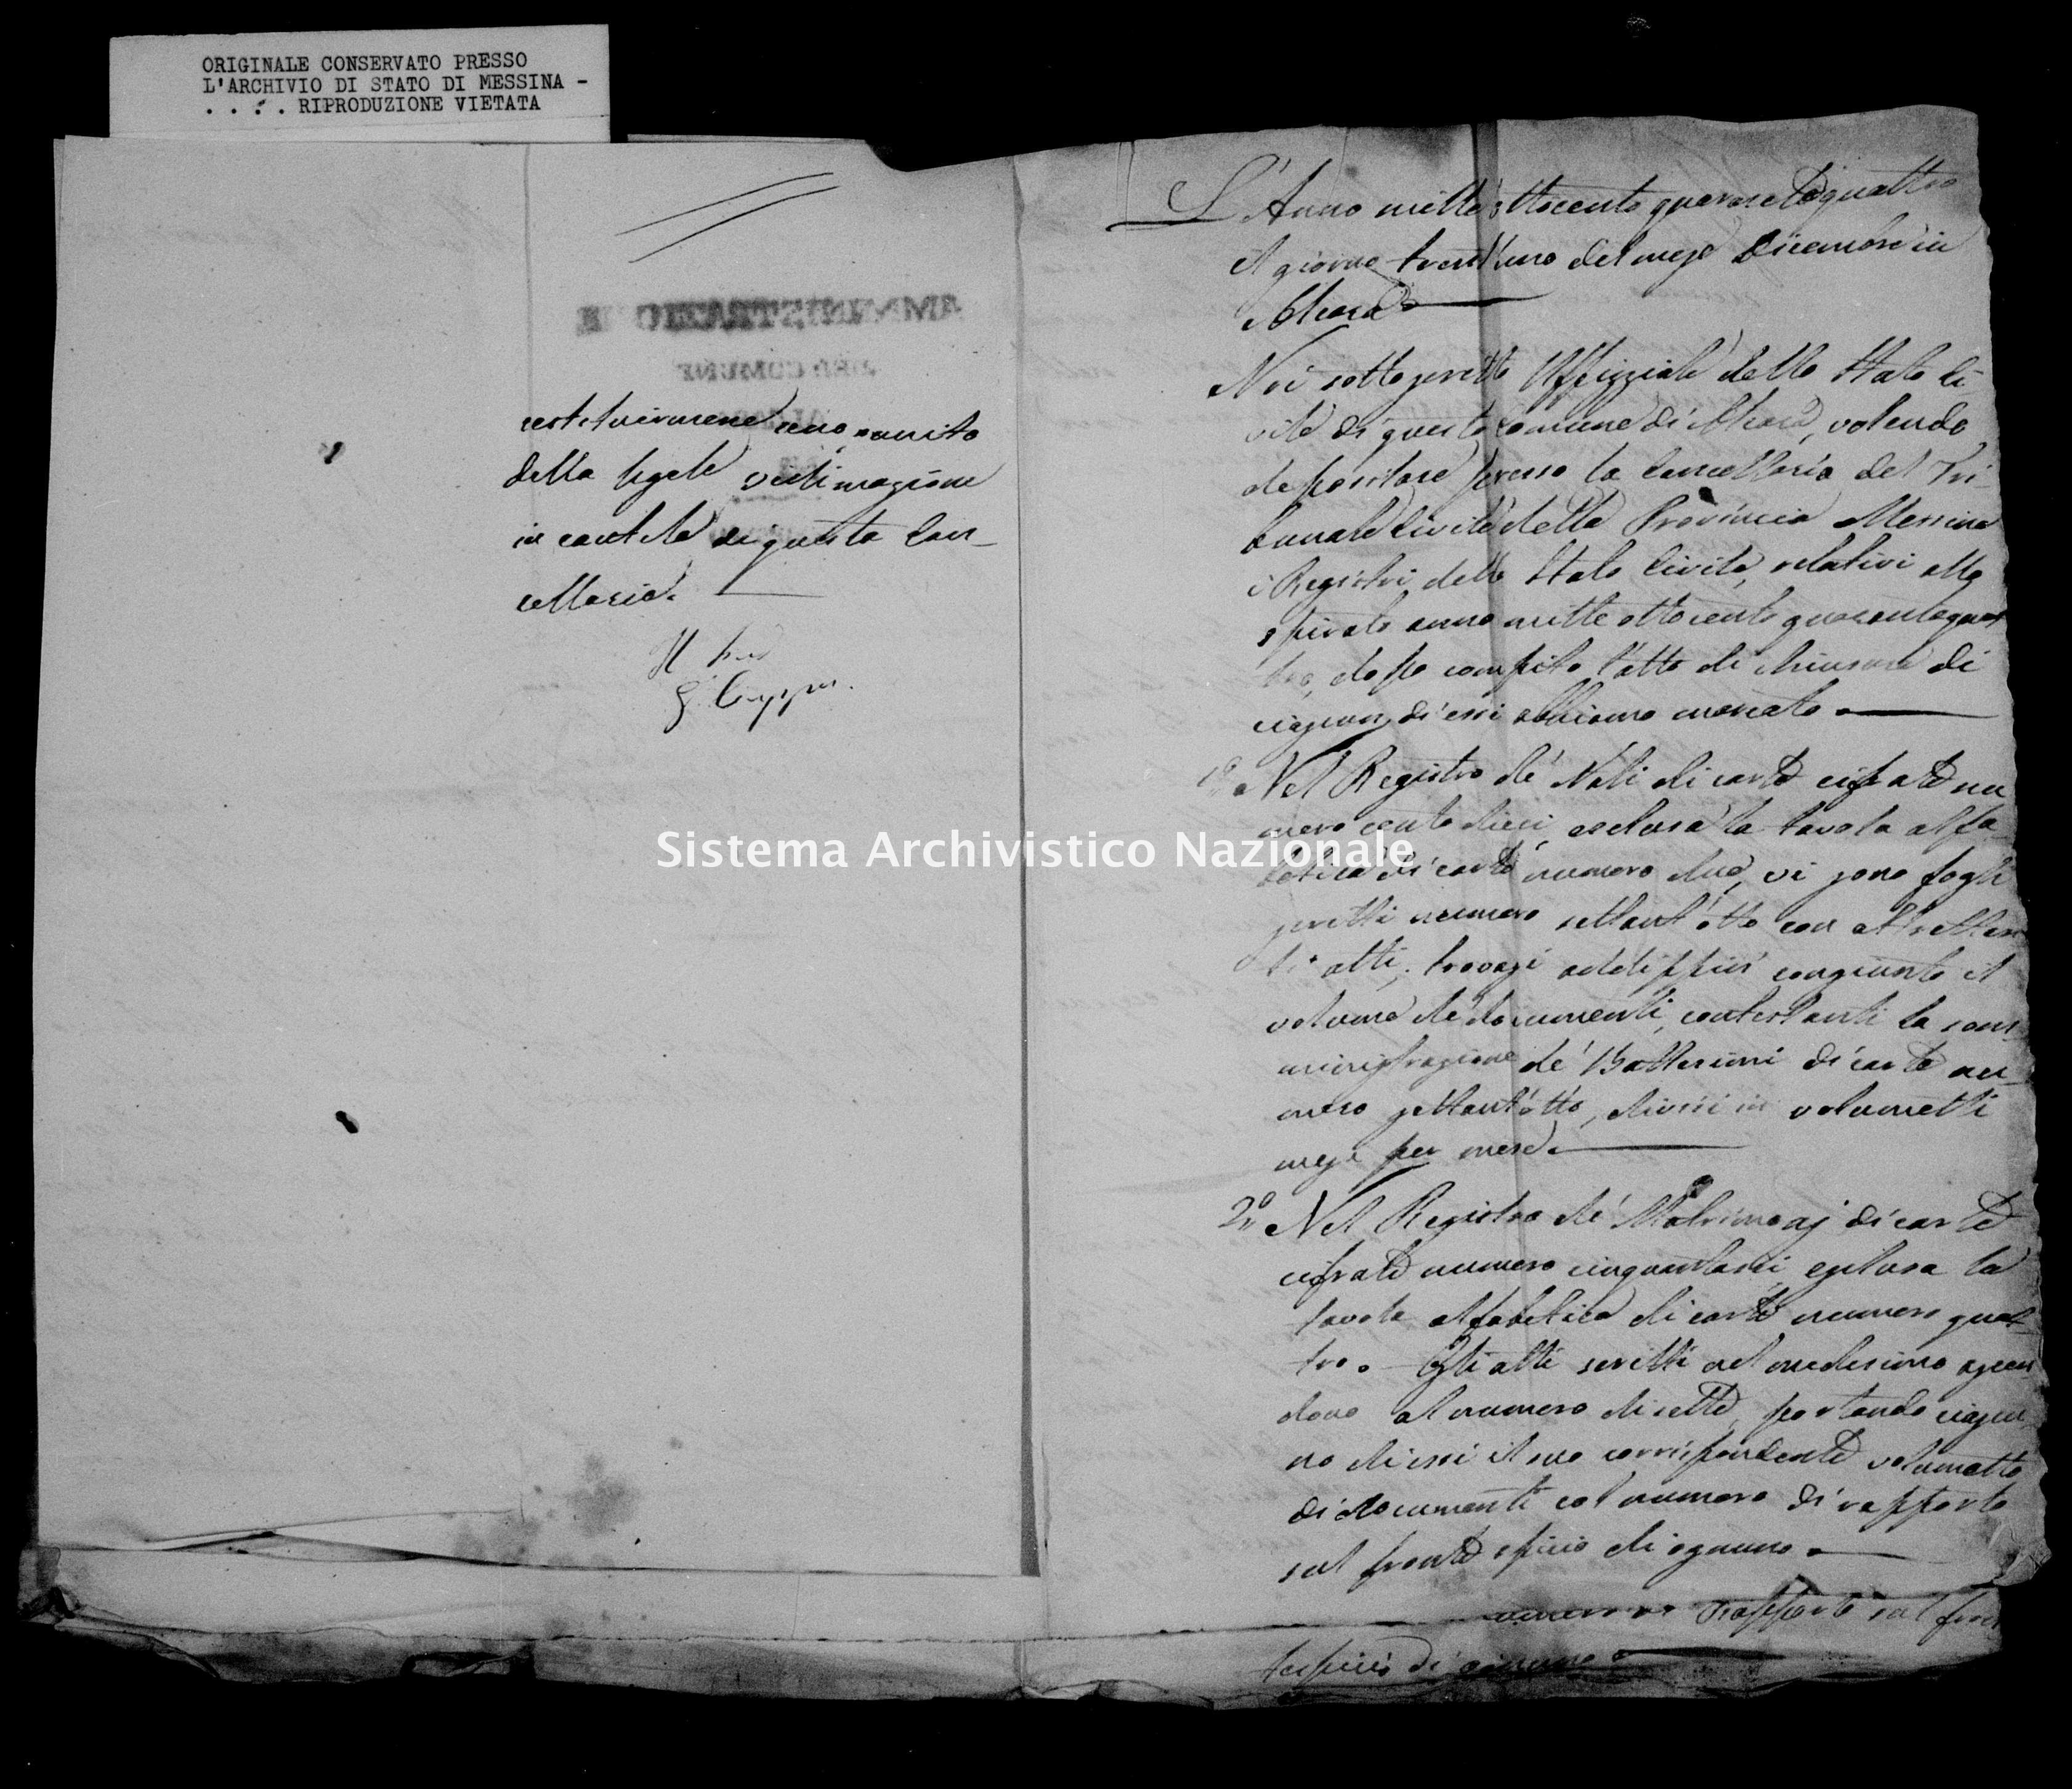 Archivio di stato di Messina - Stato civile della restaurazione - Alcara li Fusi - Inventario - 1844 -